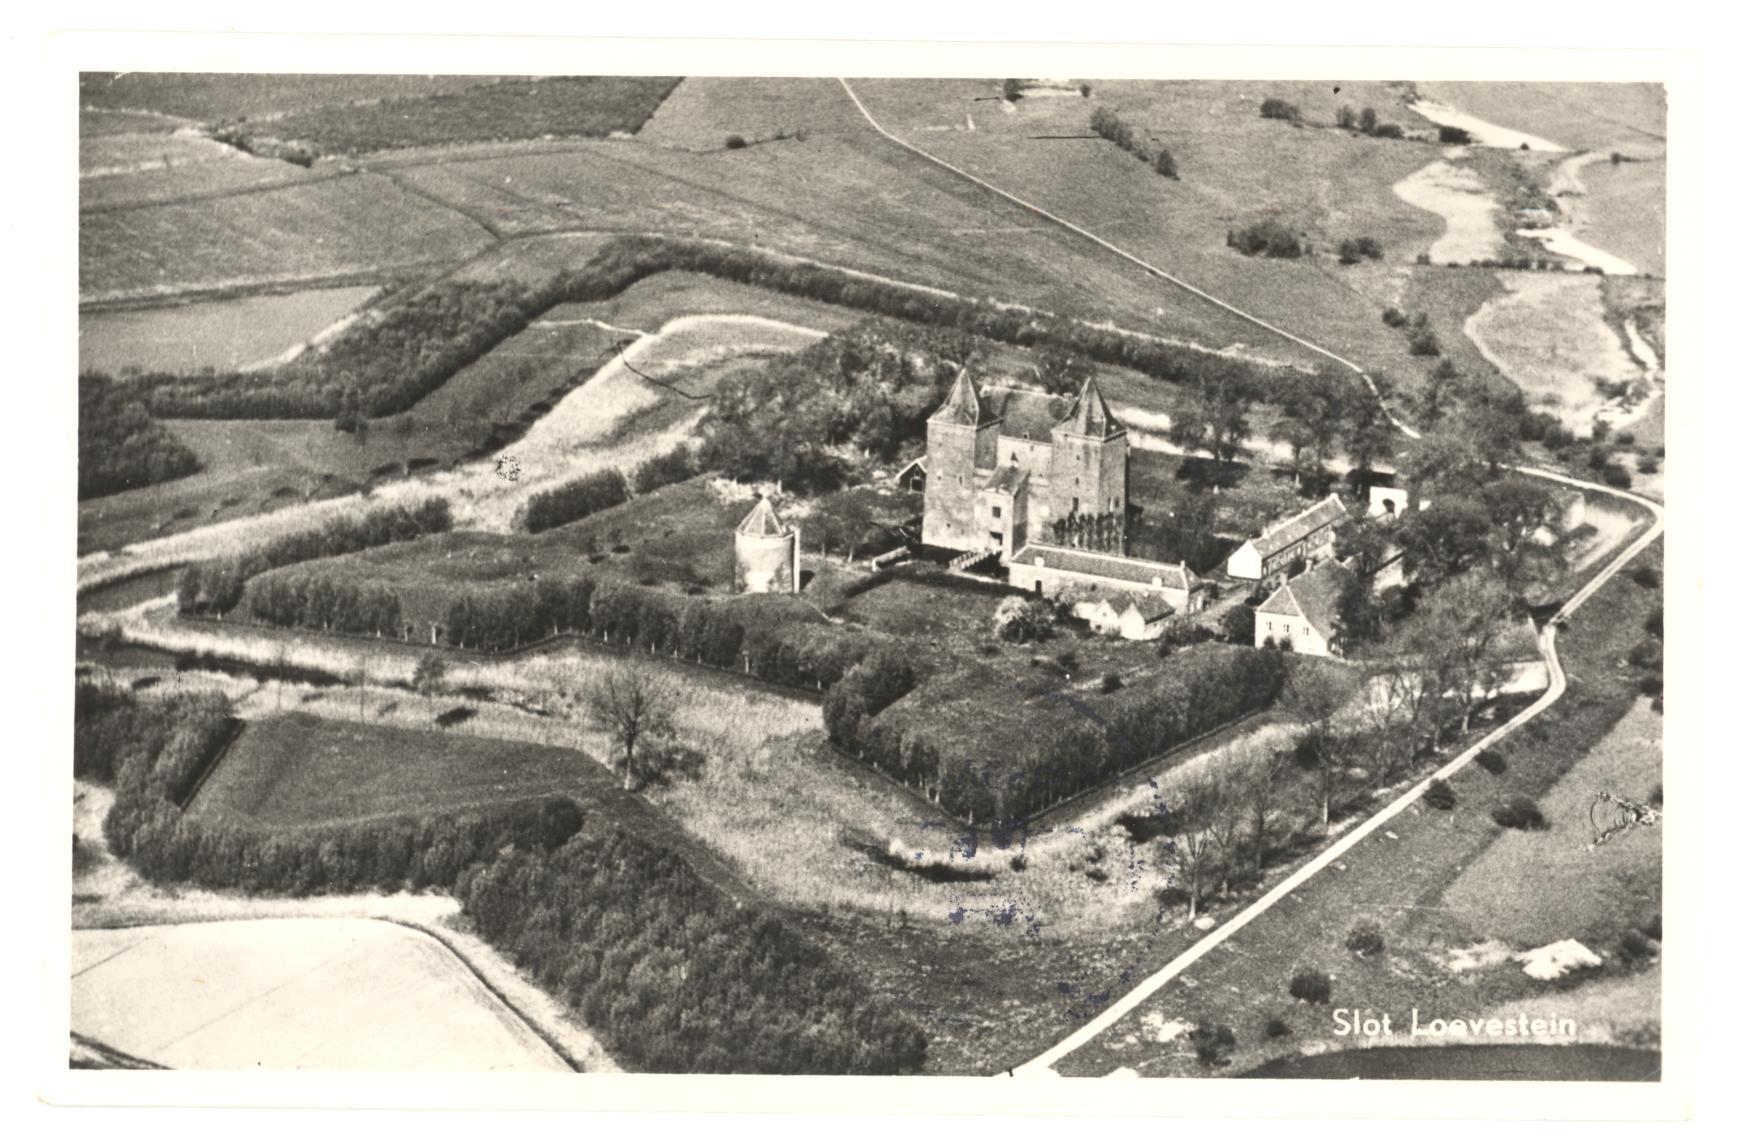 12-Slot-Loevestein-1952